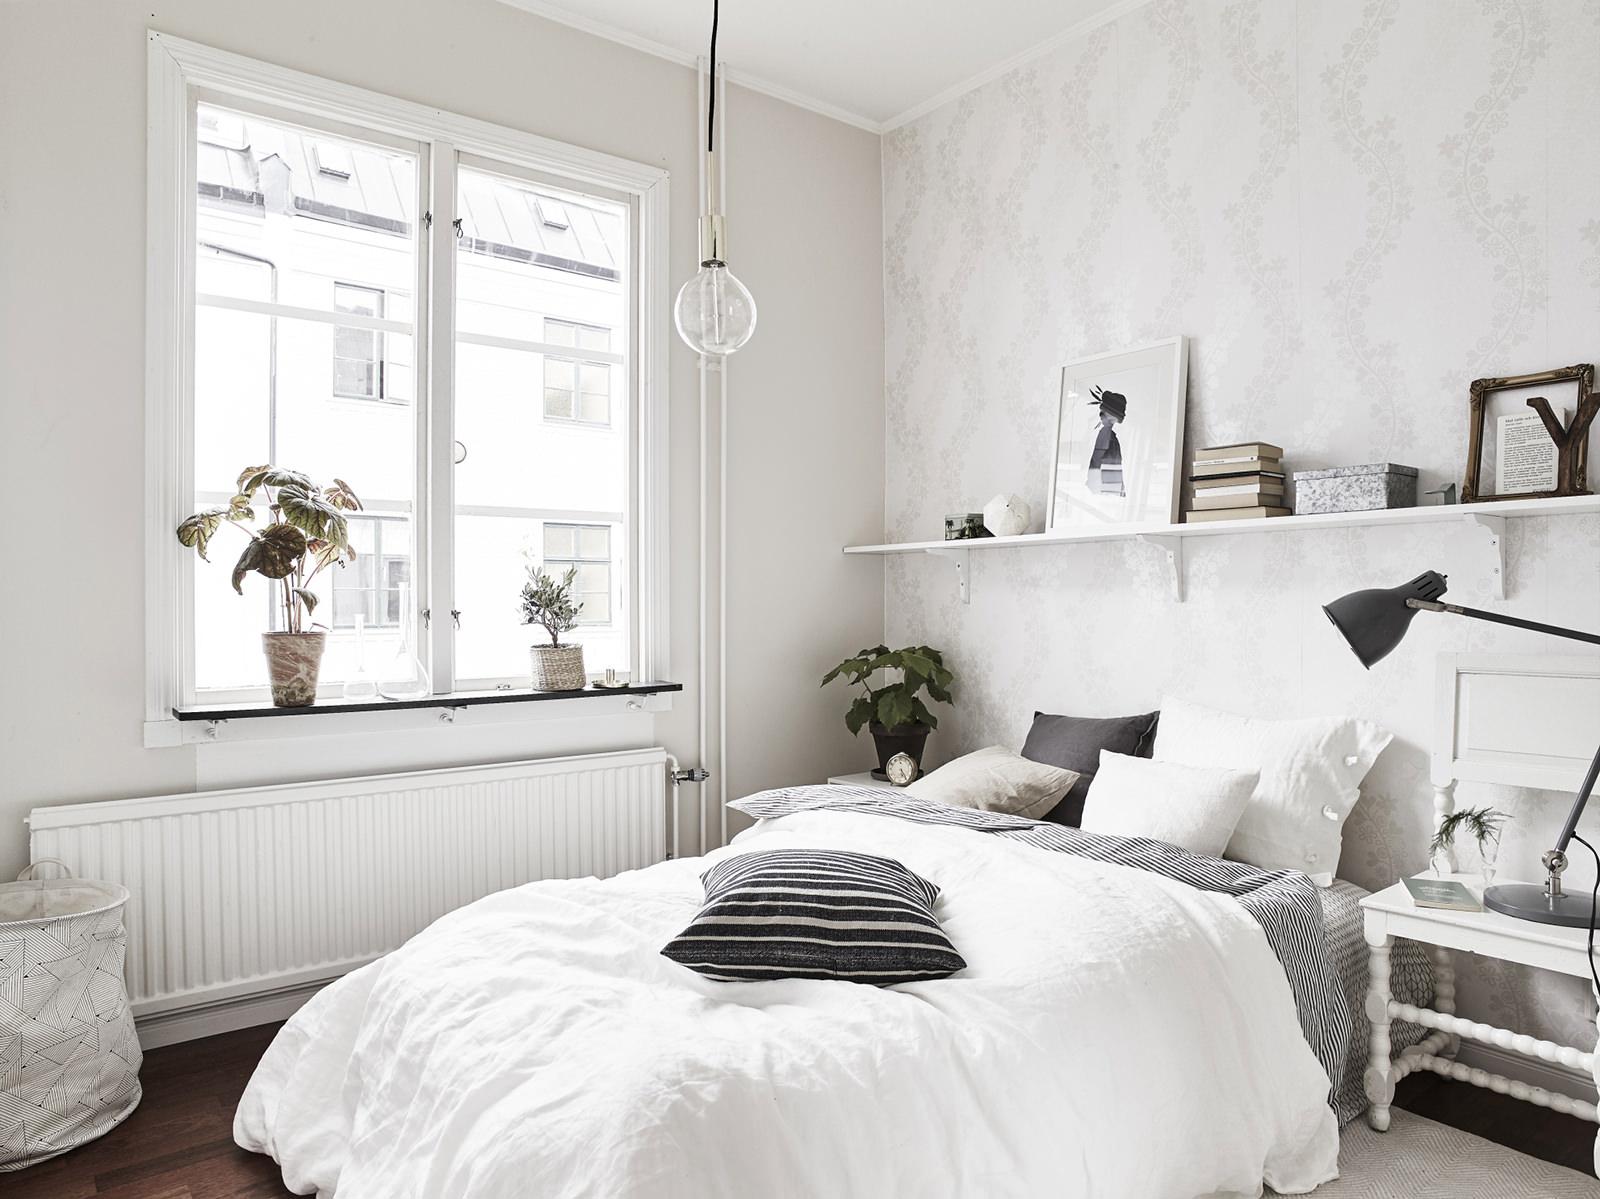 Полка над кроватью в скандинавской спальне